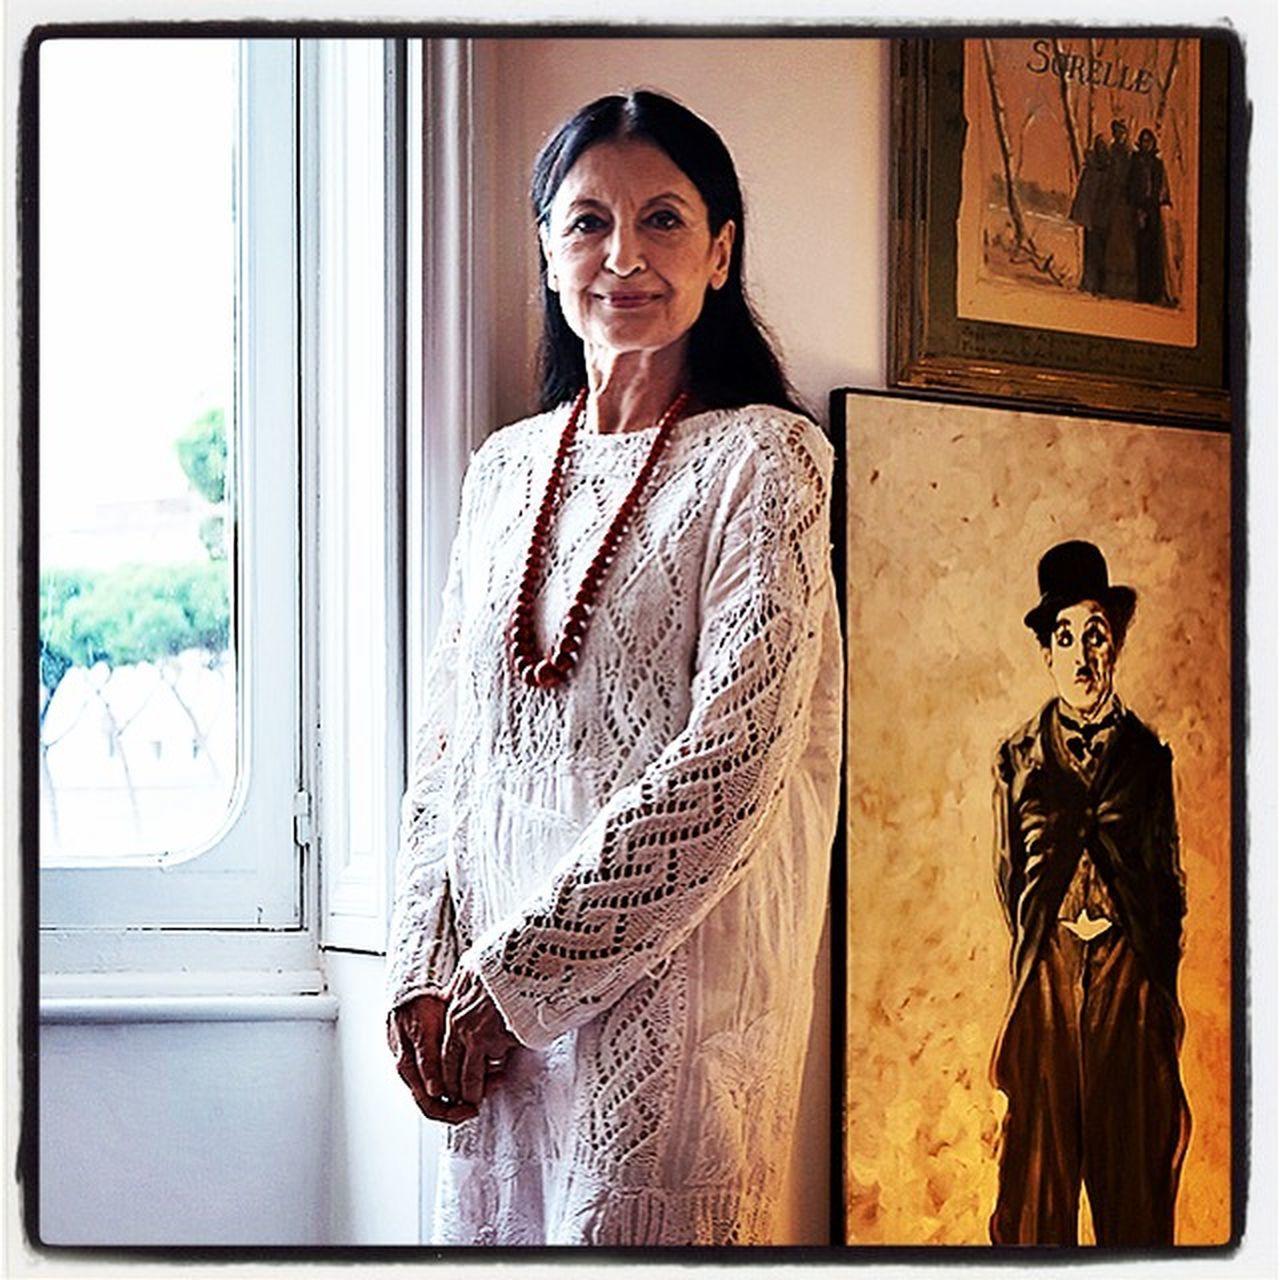 Carla Fracci, 📷 in 2014. Super natural beauty